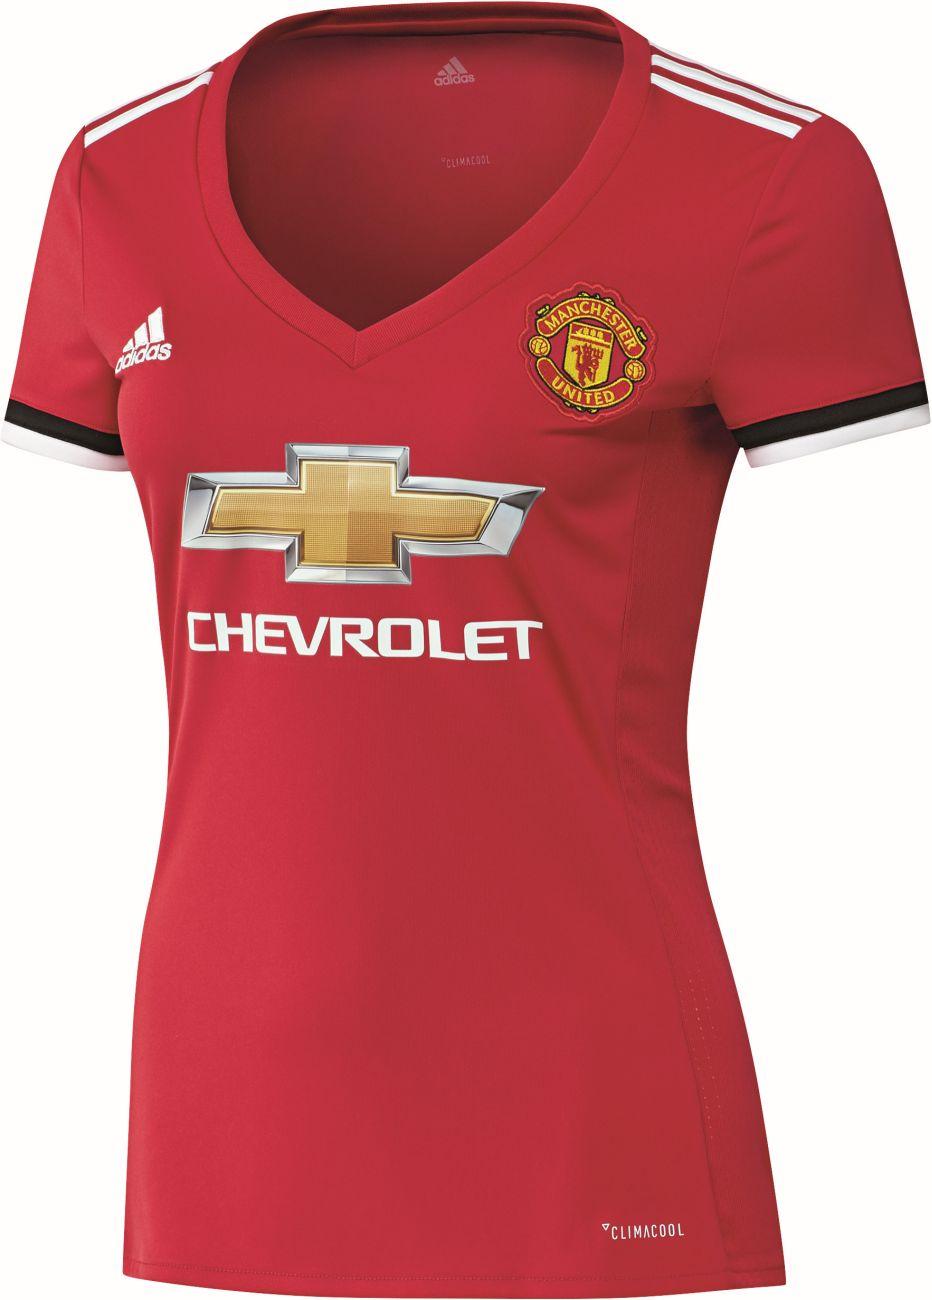 manchester product :reydecamisetas manchester city 1a equipación 2018/19 - nueva camiseta de la premier league del manchester city para la temporada 2018/19.